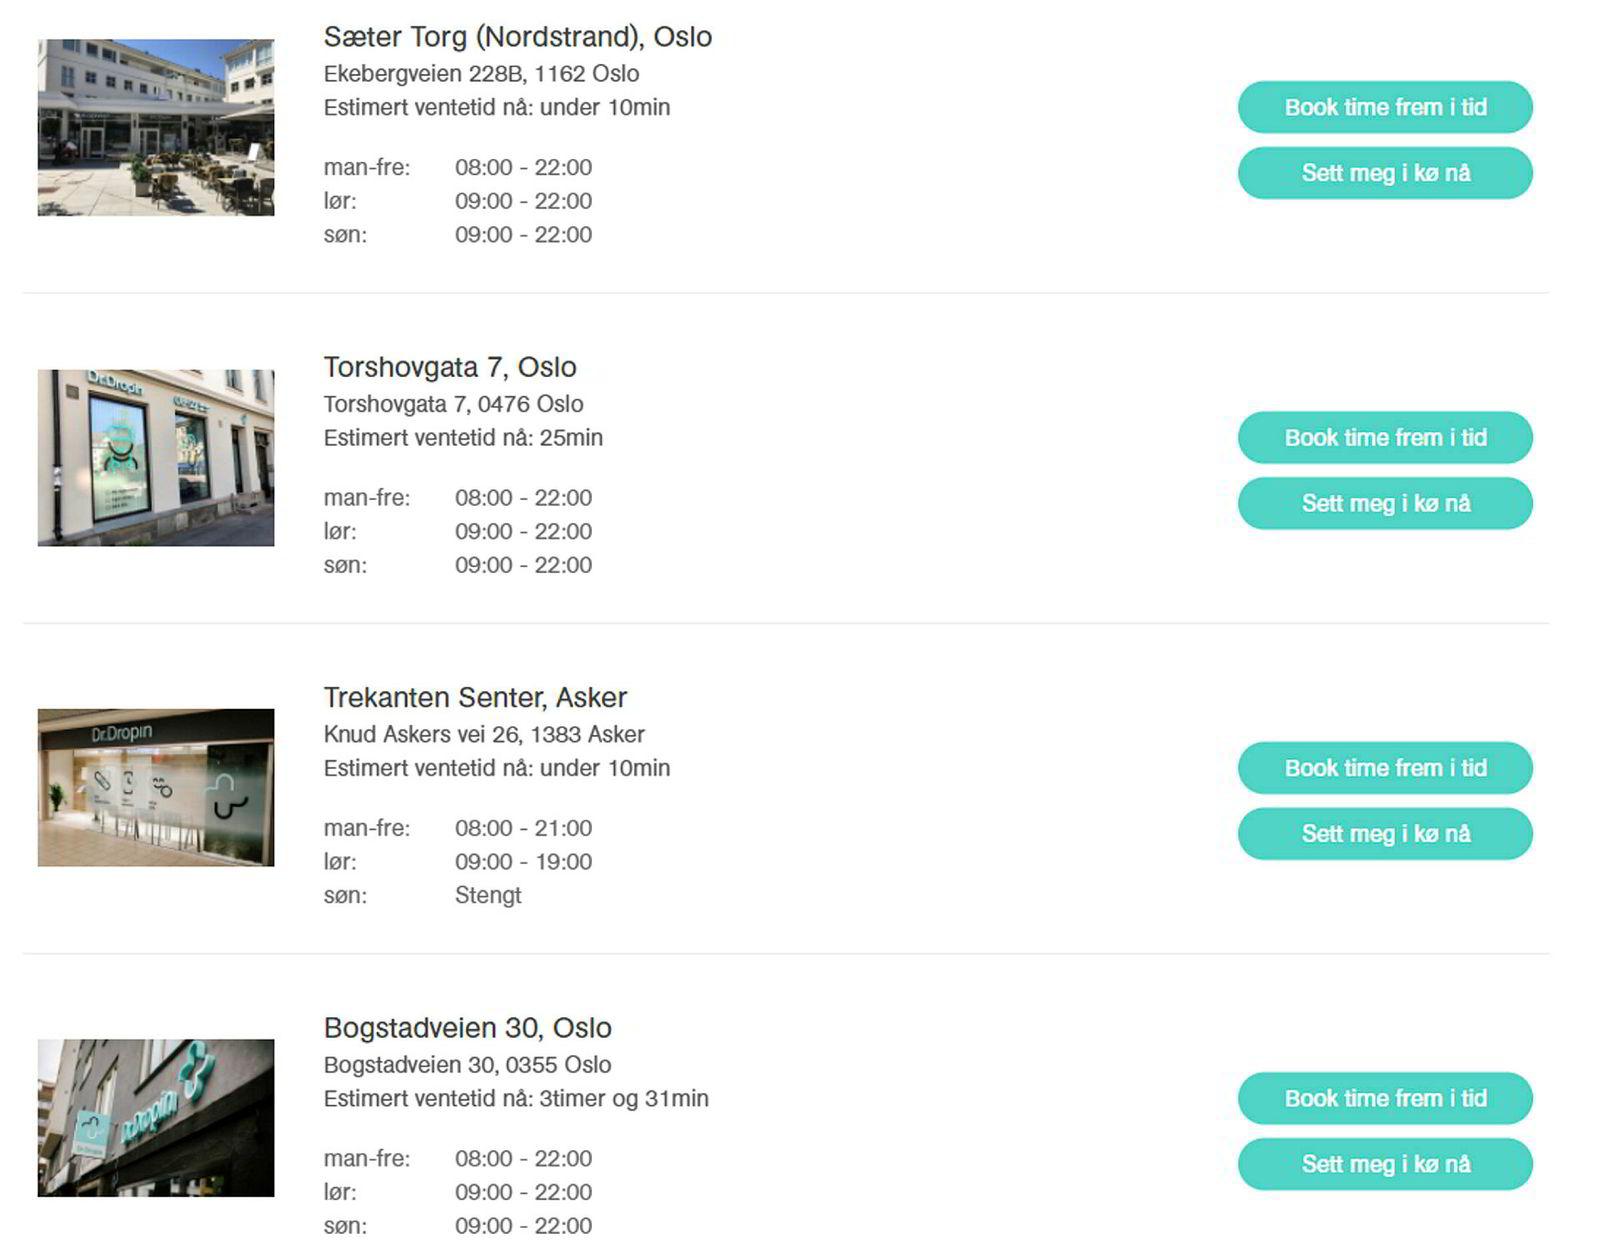 På selskapets nettsider kan du se hvor lang kø det er på de ulike klinikkene.